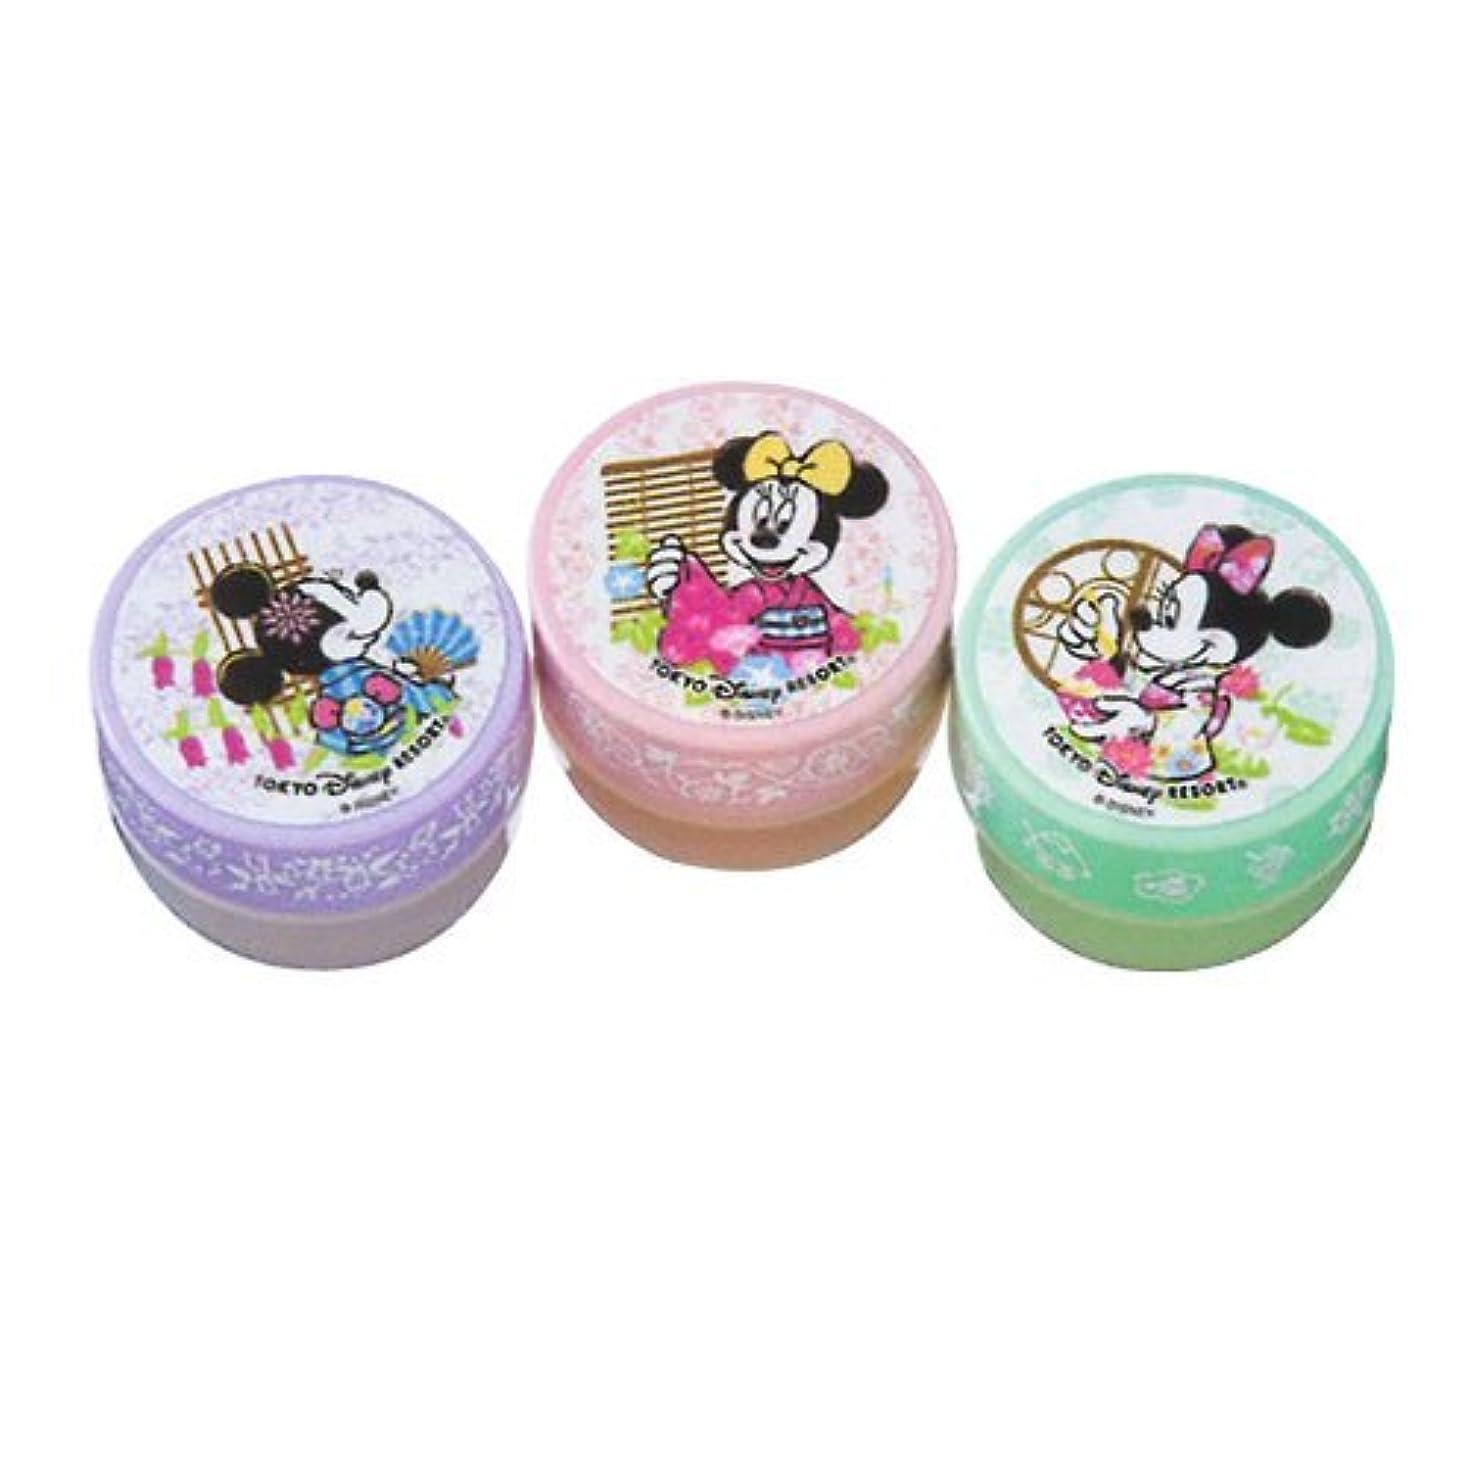 明らかにするランプ引退したミニーマウス ハンドクリームセット 浴衣柄 【東京ディズニーリゾート限定】